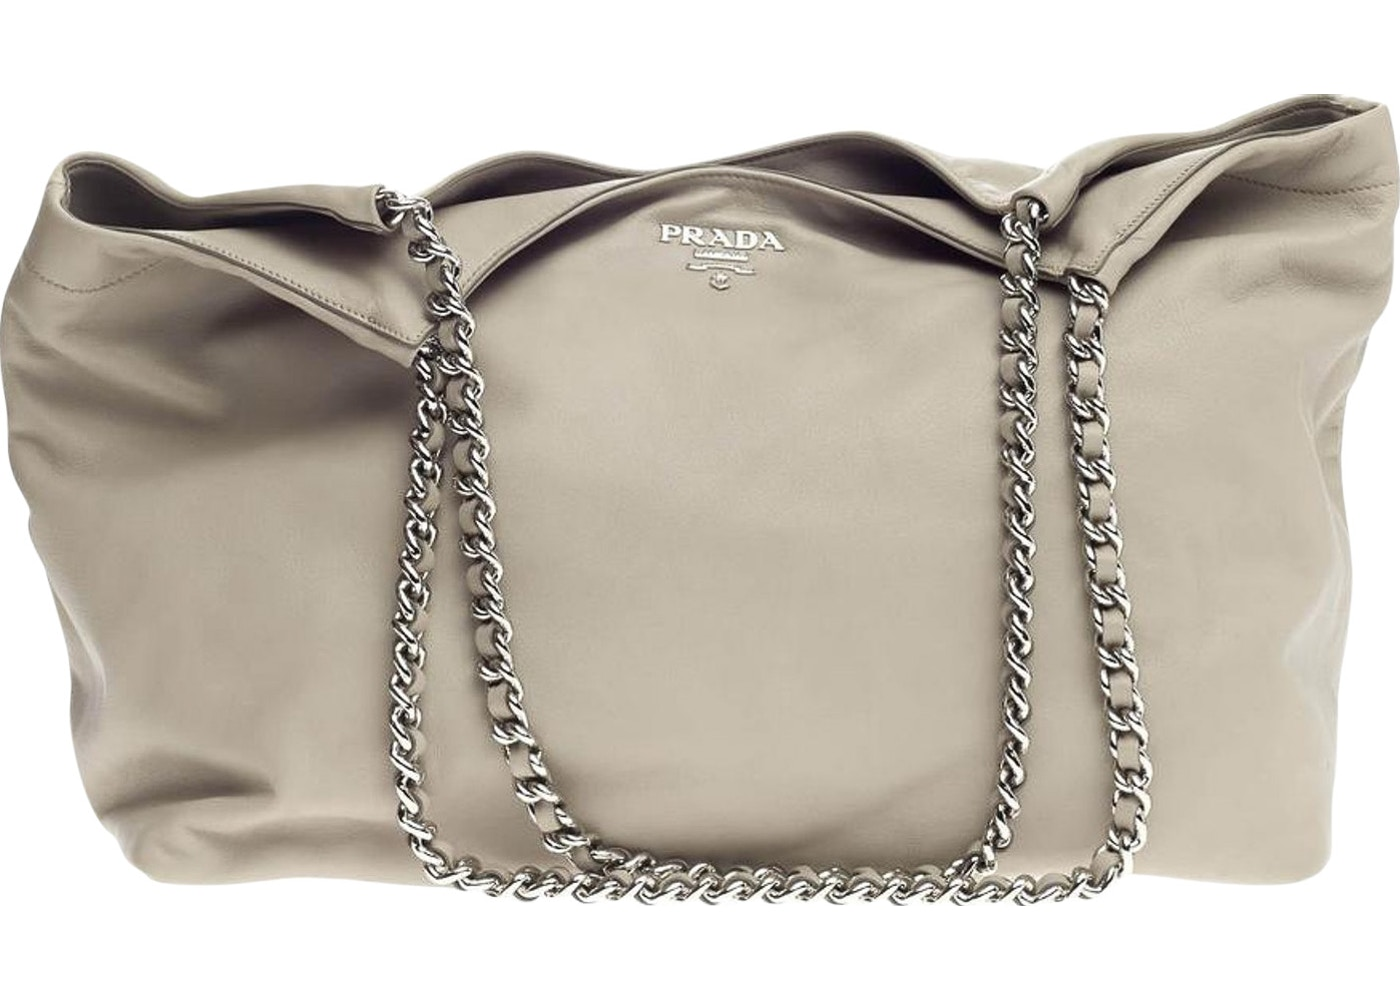 Prada Shoulder Bag Chain Tote Light Grey. Light Grey b46a73dbb65e7